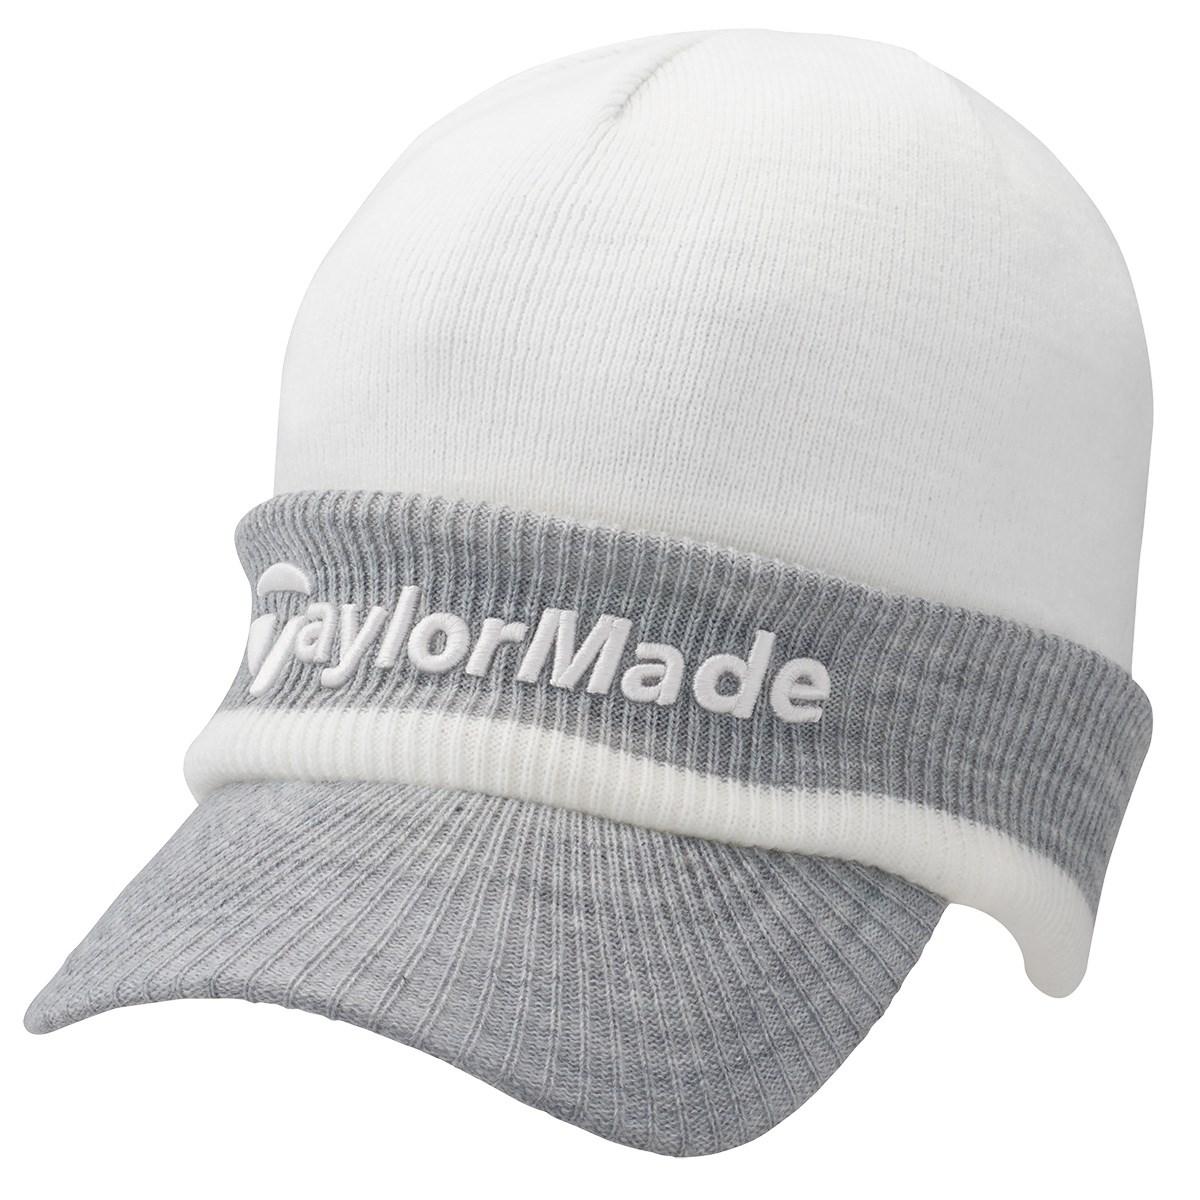 テーラーメイド Taylor Made ブリムビーニー フリー ホワイト/グレーヘザー